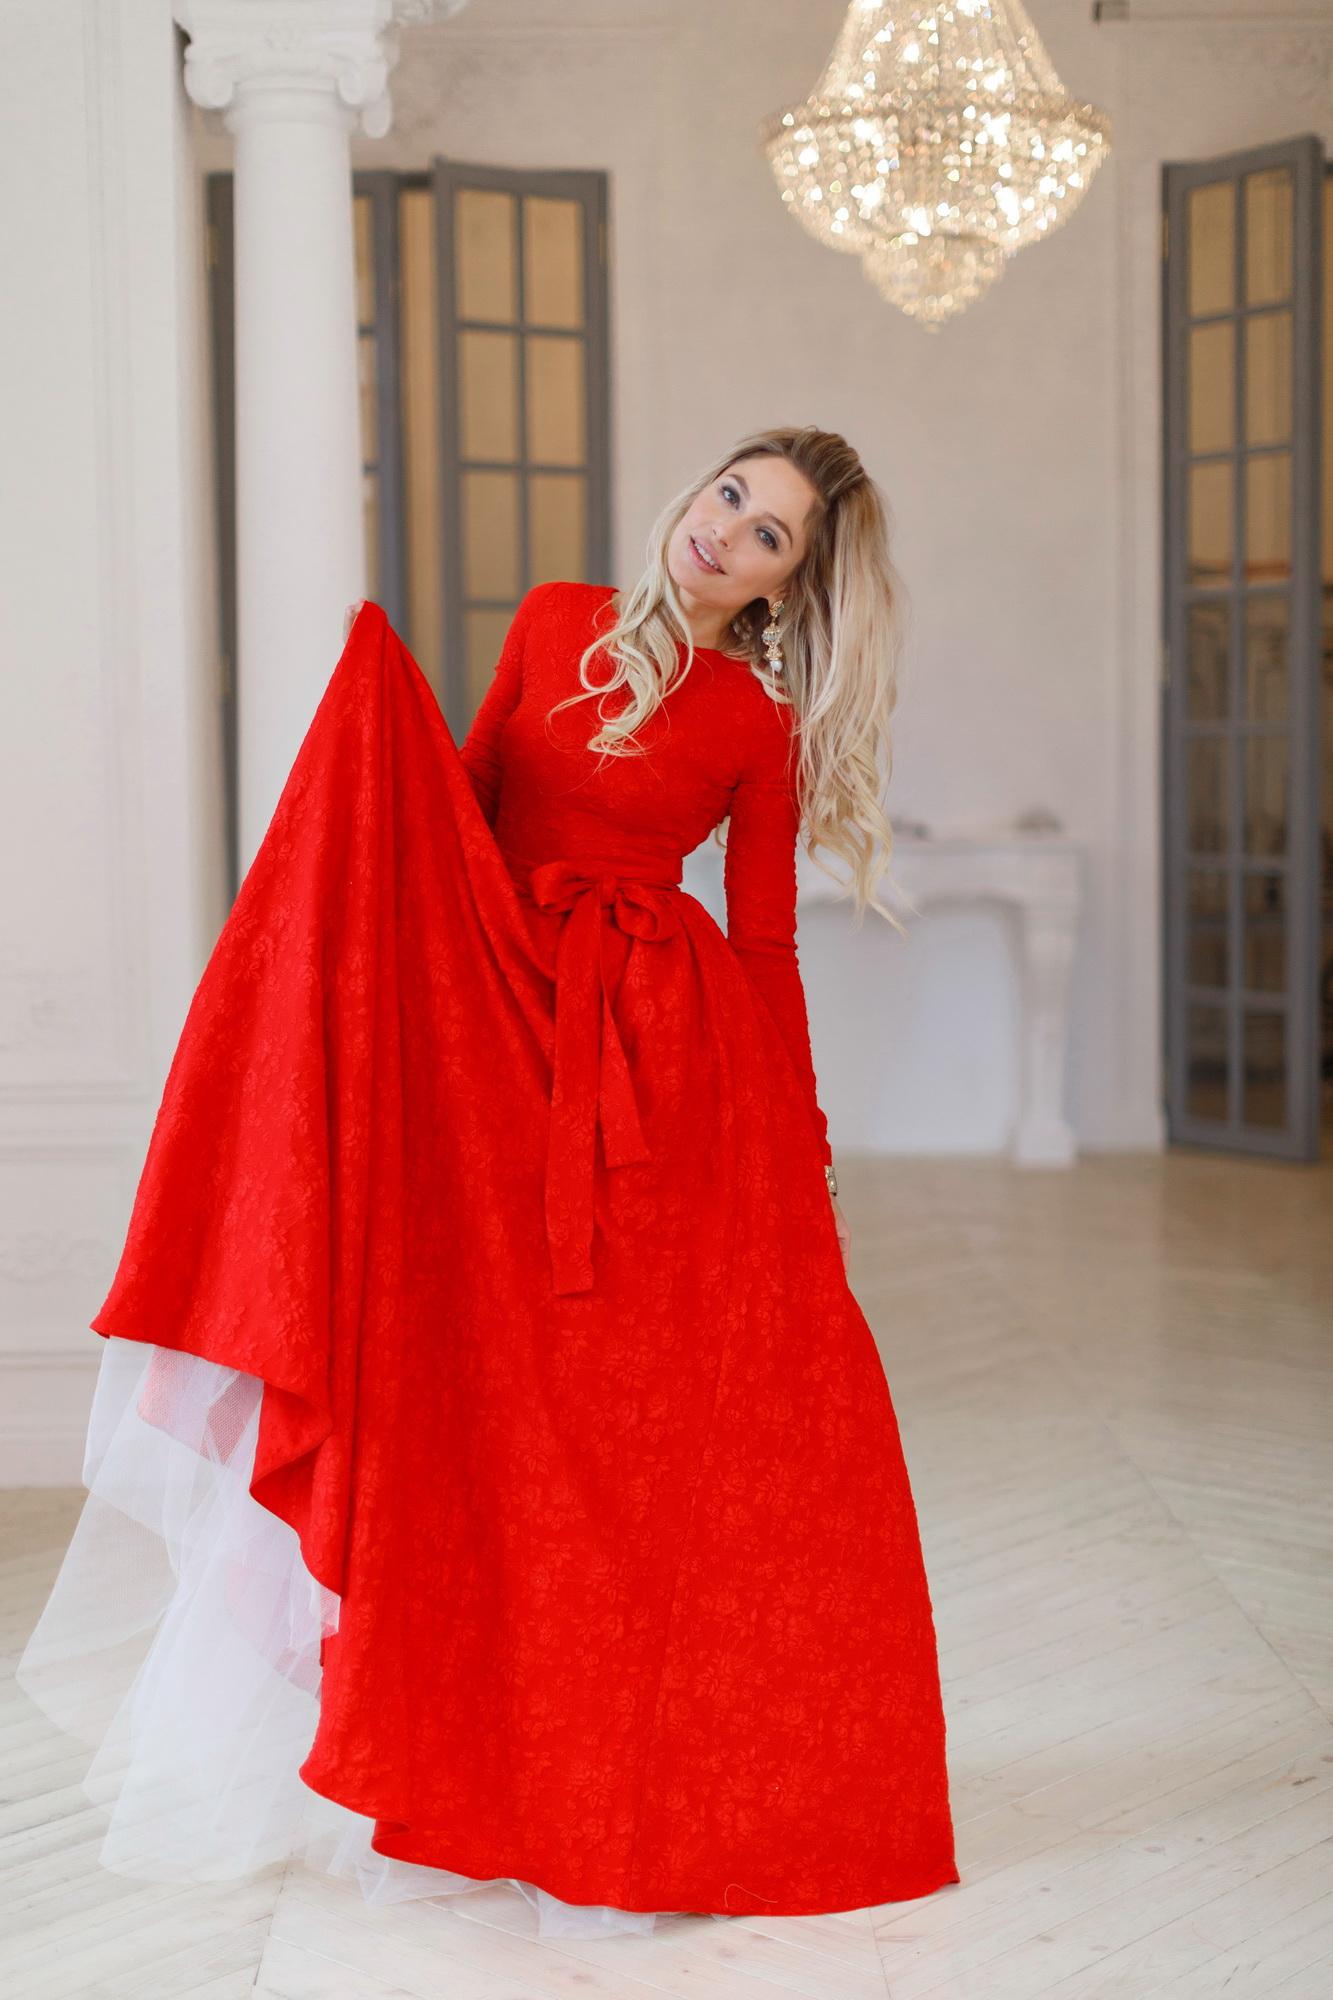 Фото наталья рудова в платье